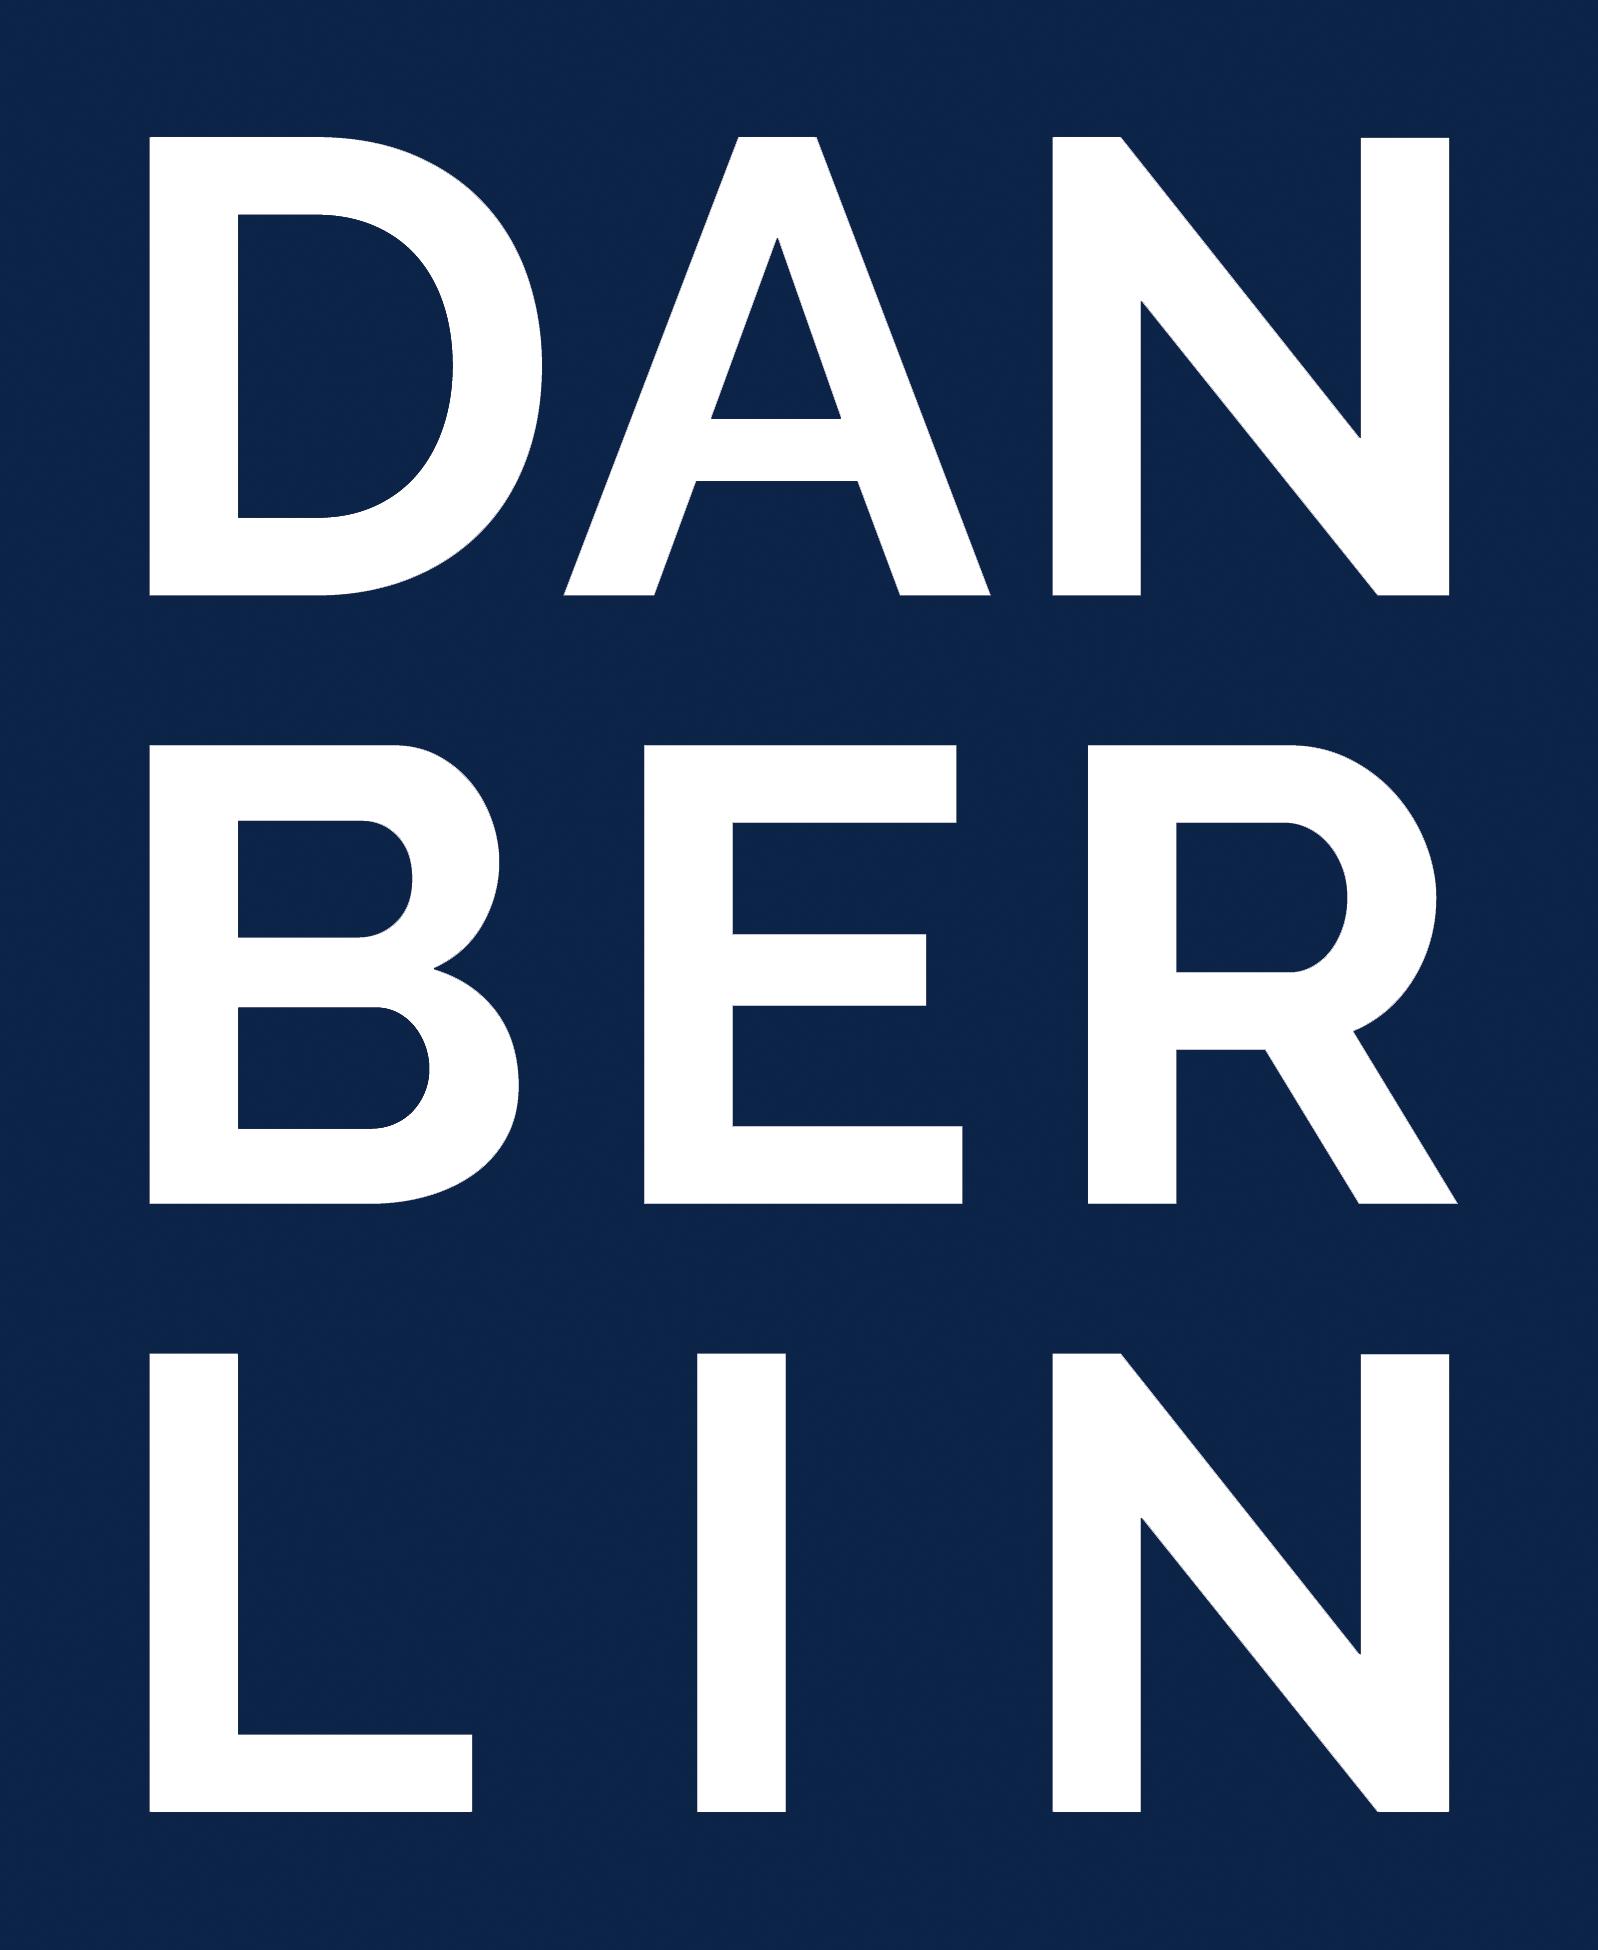 Dan Berlin Logo